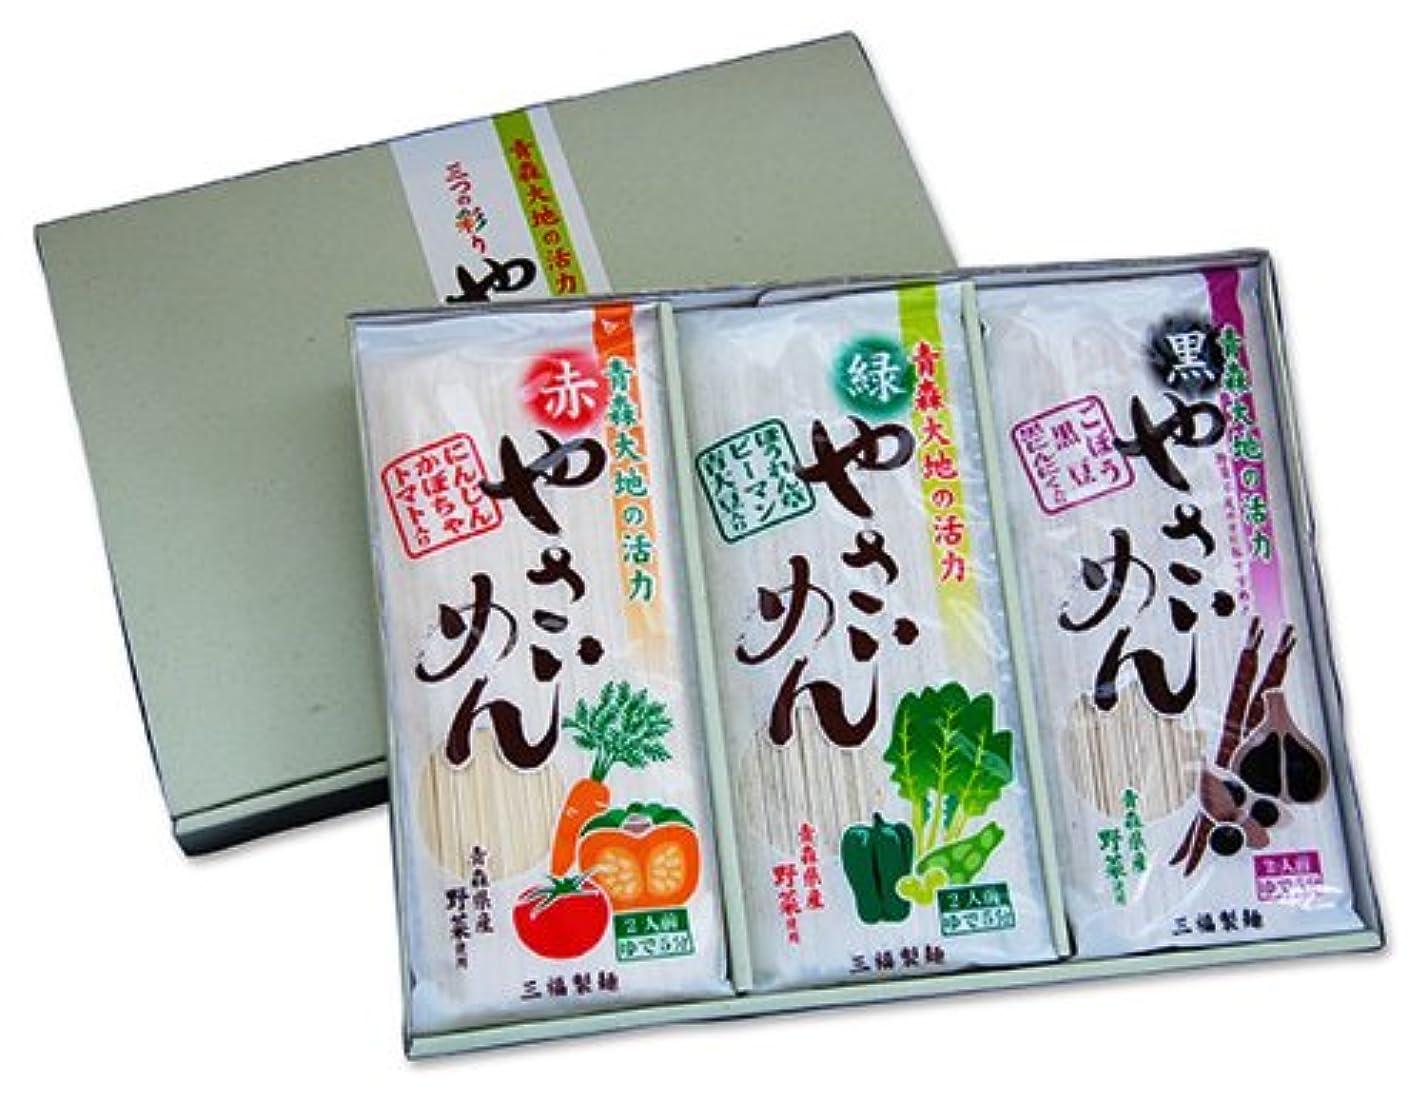 証明石化するダイアクリティカル青森県産野菜使用やさいめん 6袋